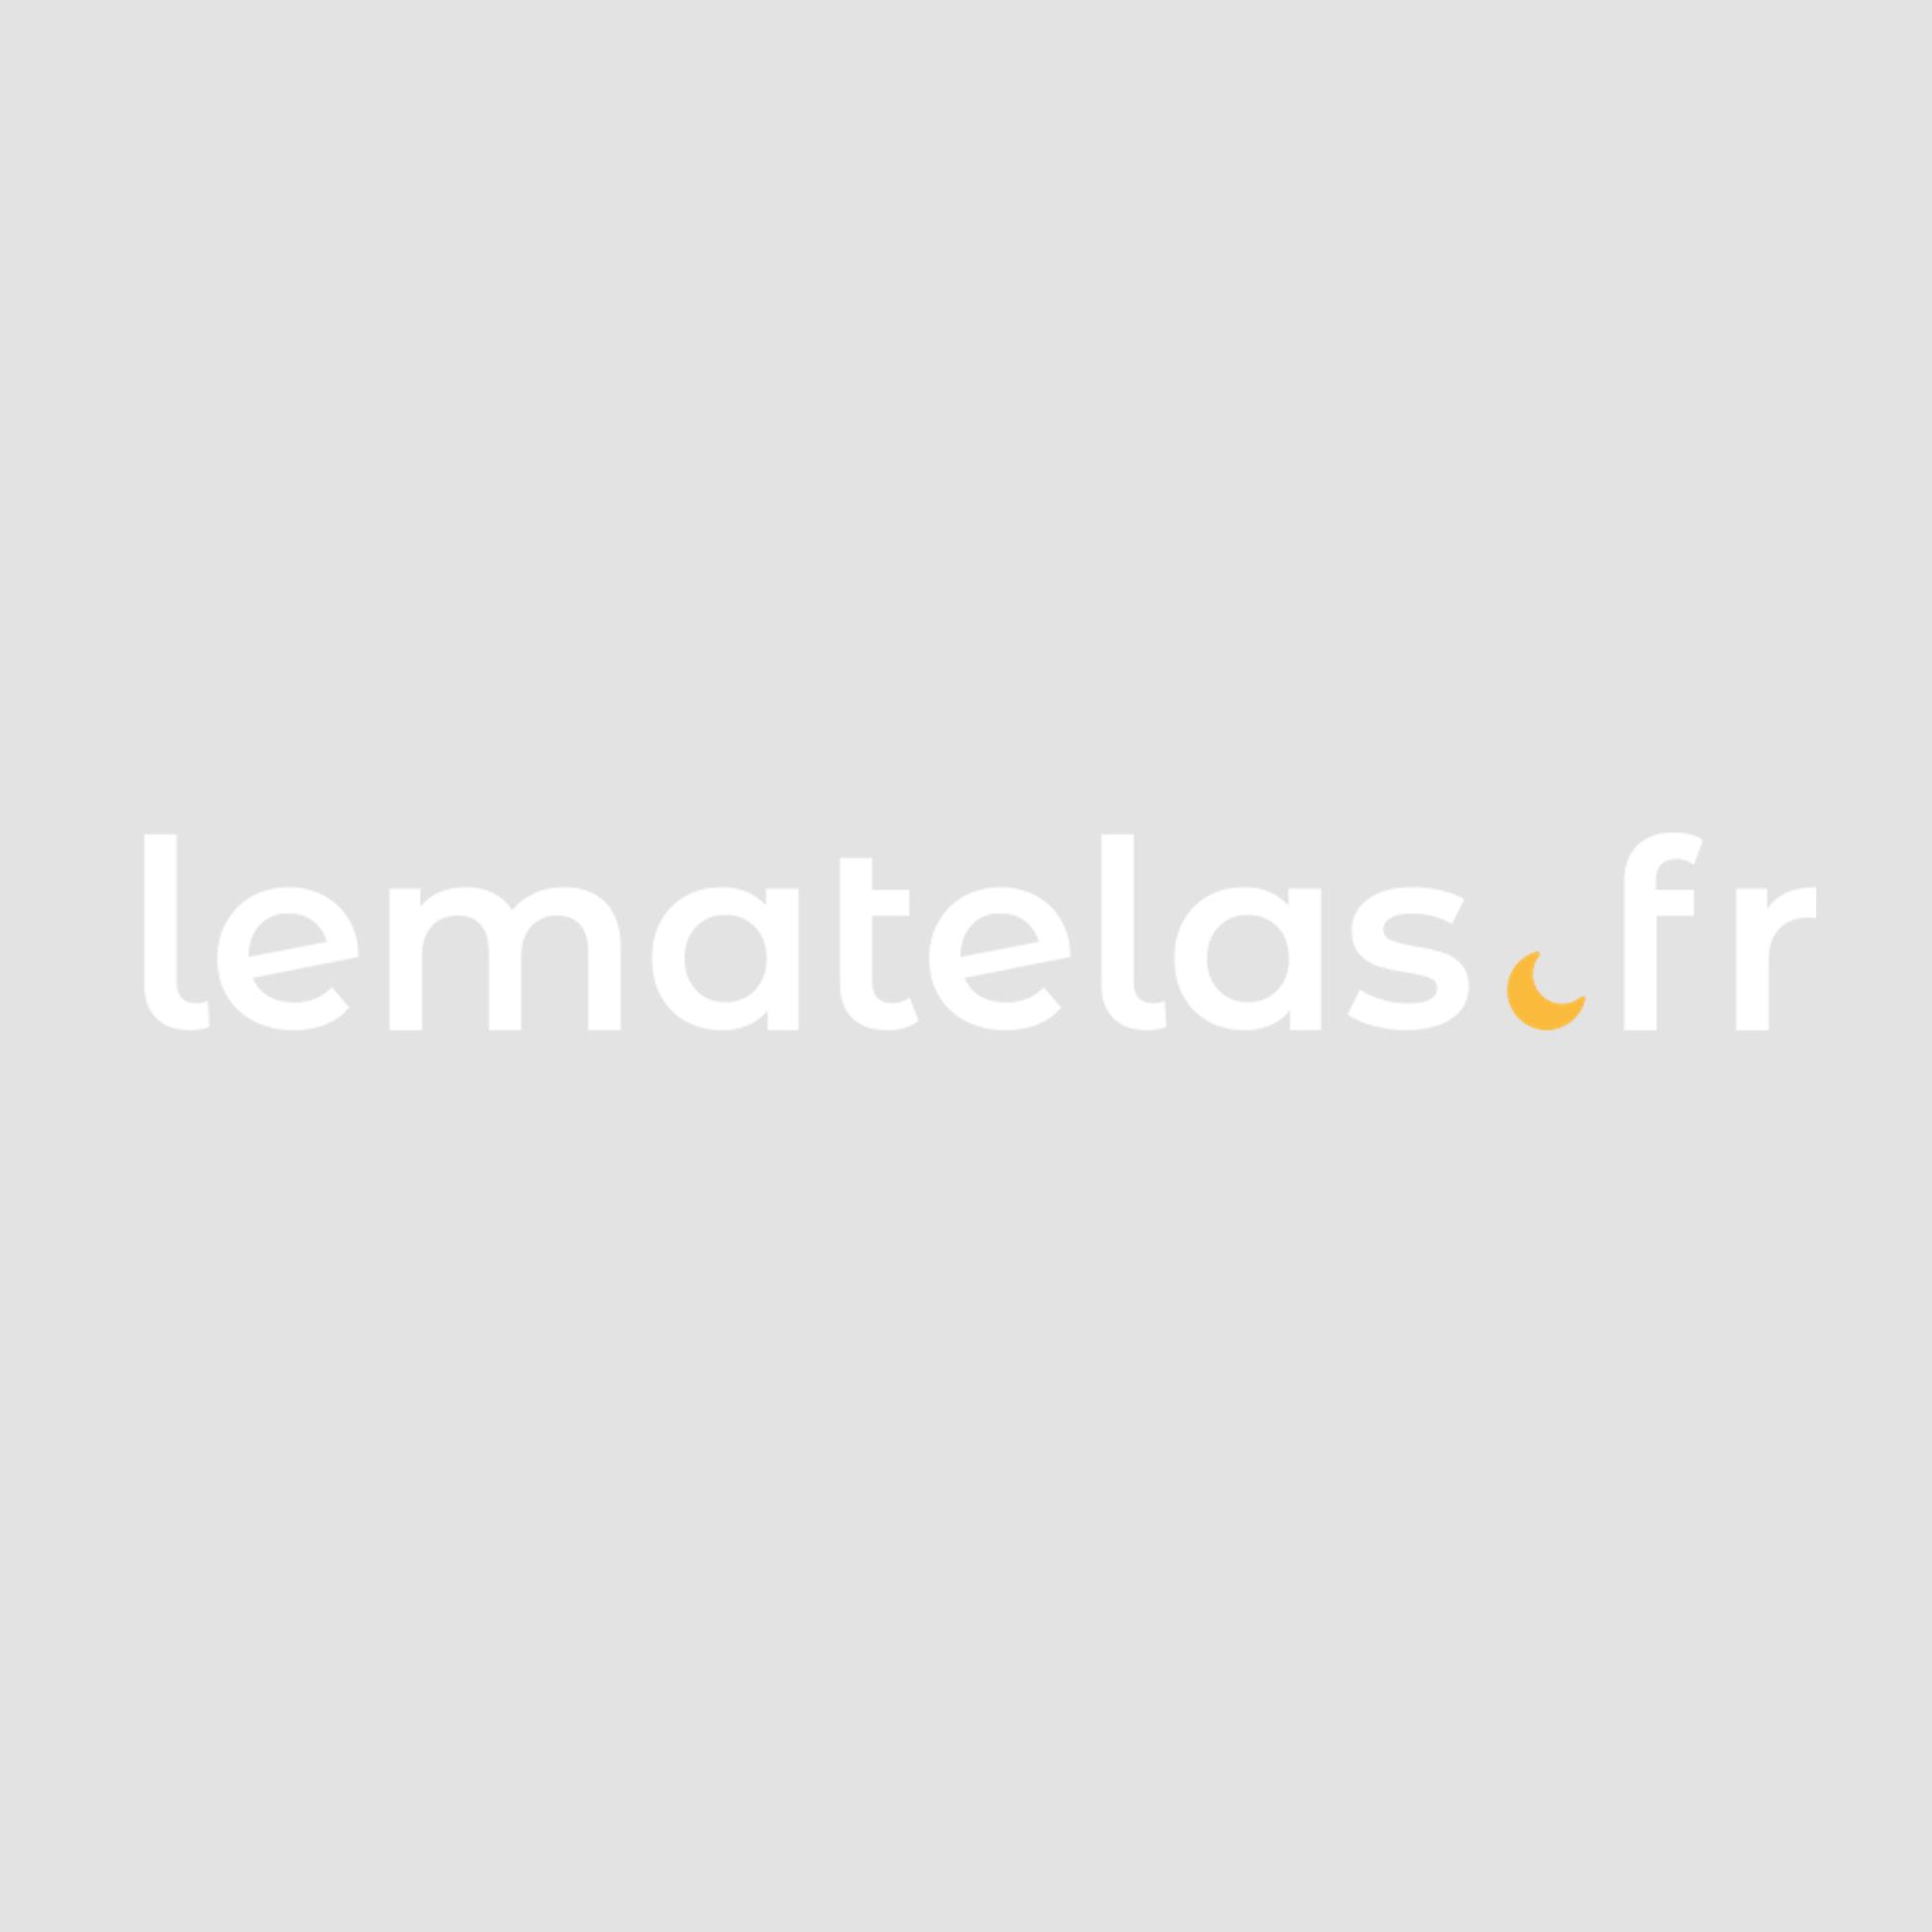 Bureau en bois imitation chêne foncé à tréteaux métalliques - BU0006